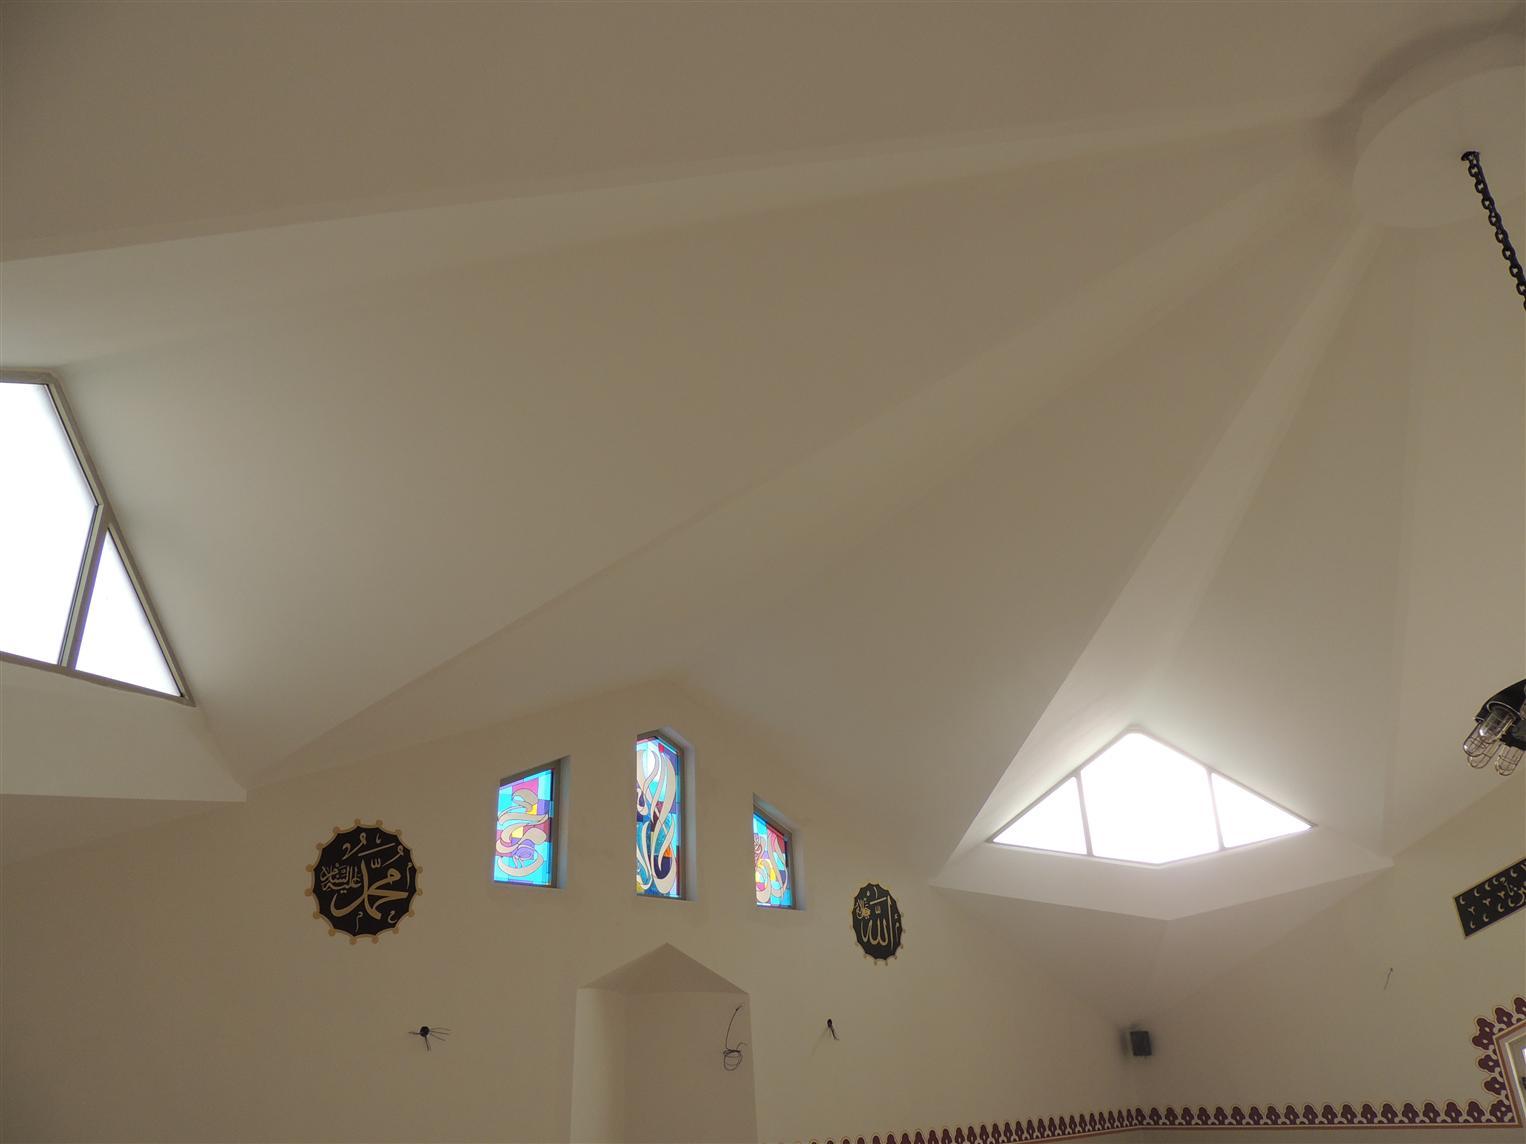 piri-reis-camii2015921174126463.jpg izmir vitray çalışması